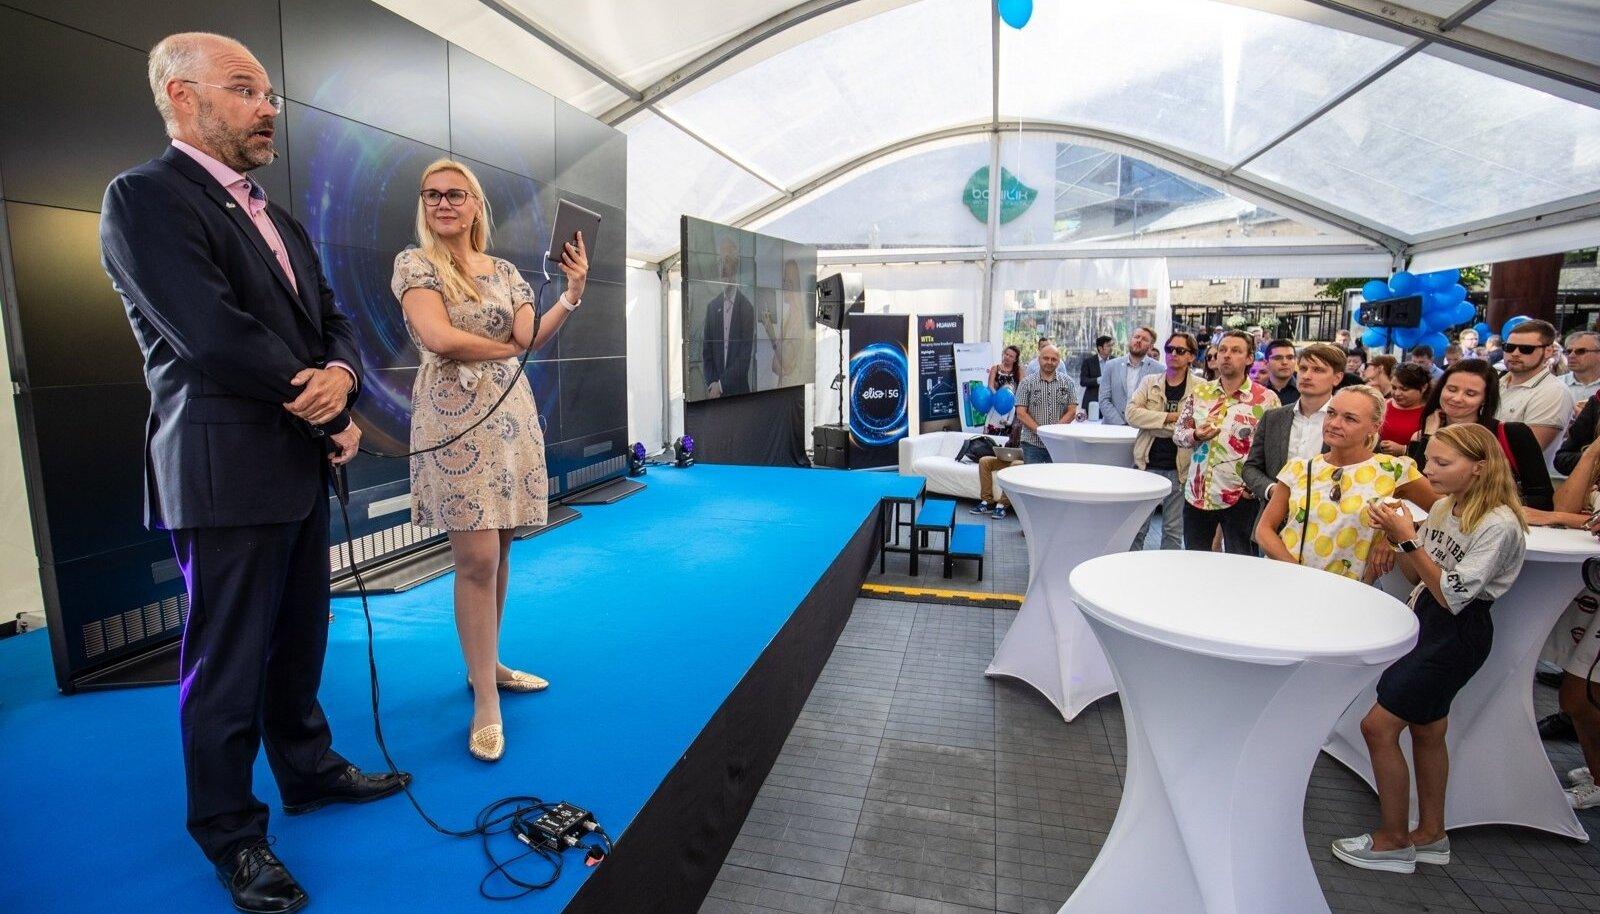 Elisa sõnul on nendel püsiv võrk Rotermanni kvartalis üleval alles sellesuvisest üritusest, mille käigus majandus- ja taristuminister Kadri Simson tegi Eesti esimese rahvusvahelise 5G kõne